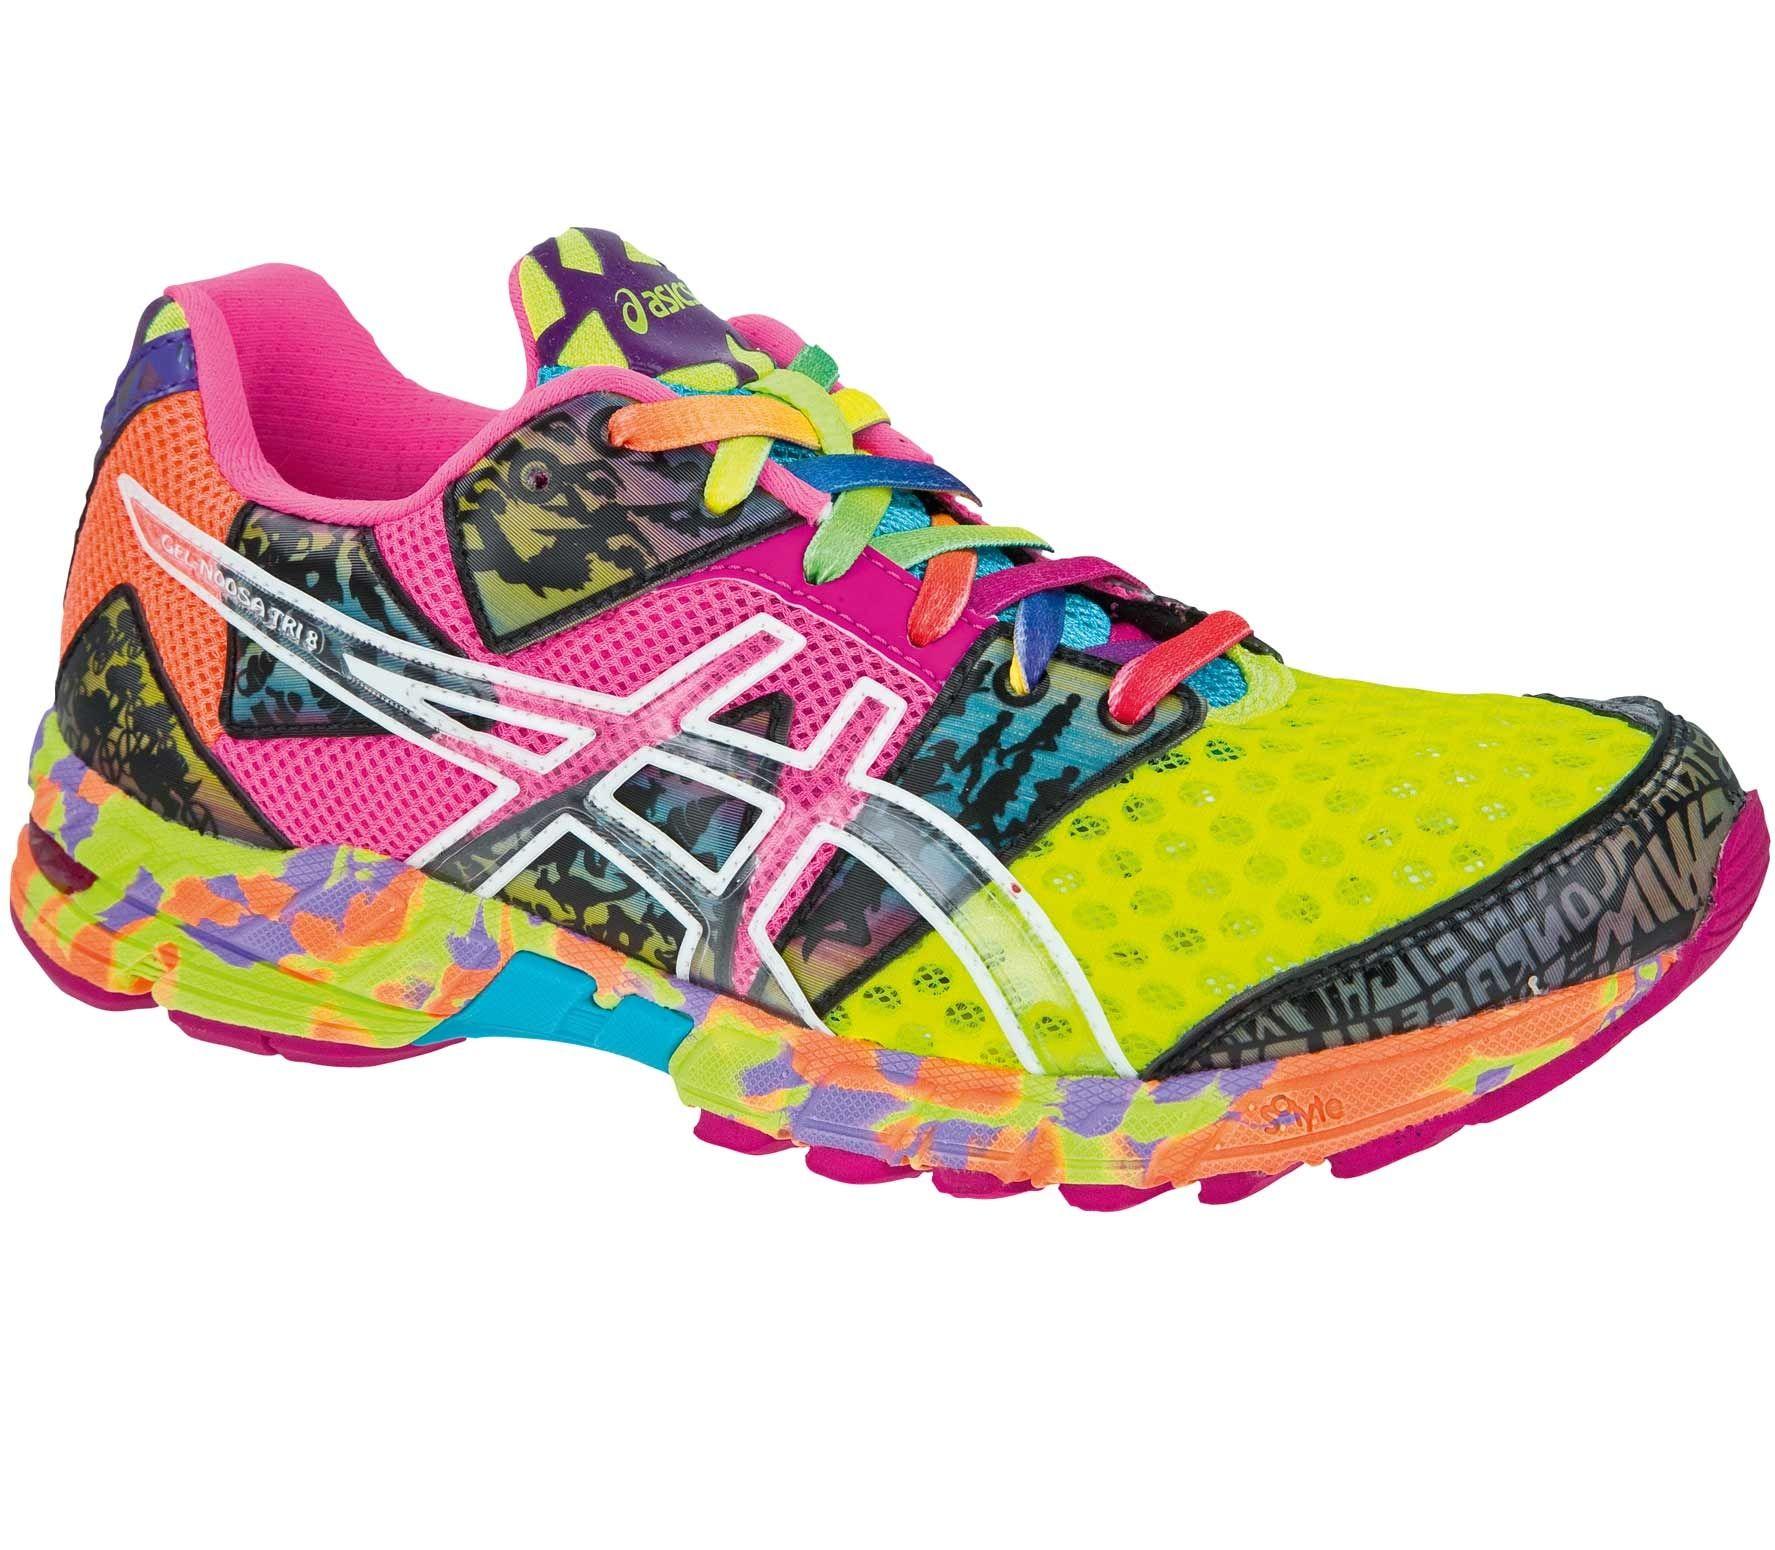 asics - zapatillas running mujer gel-noosa tri 8 - fs 13